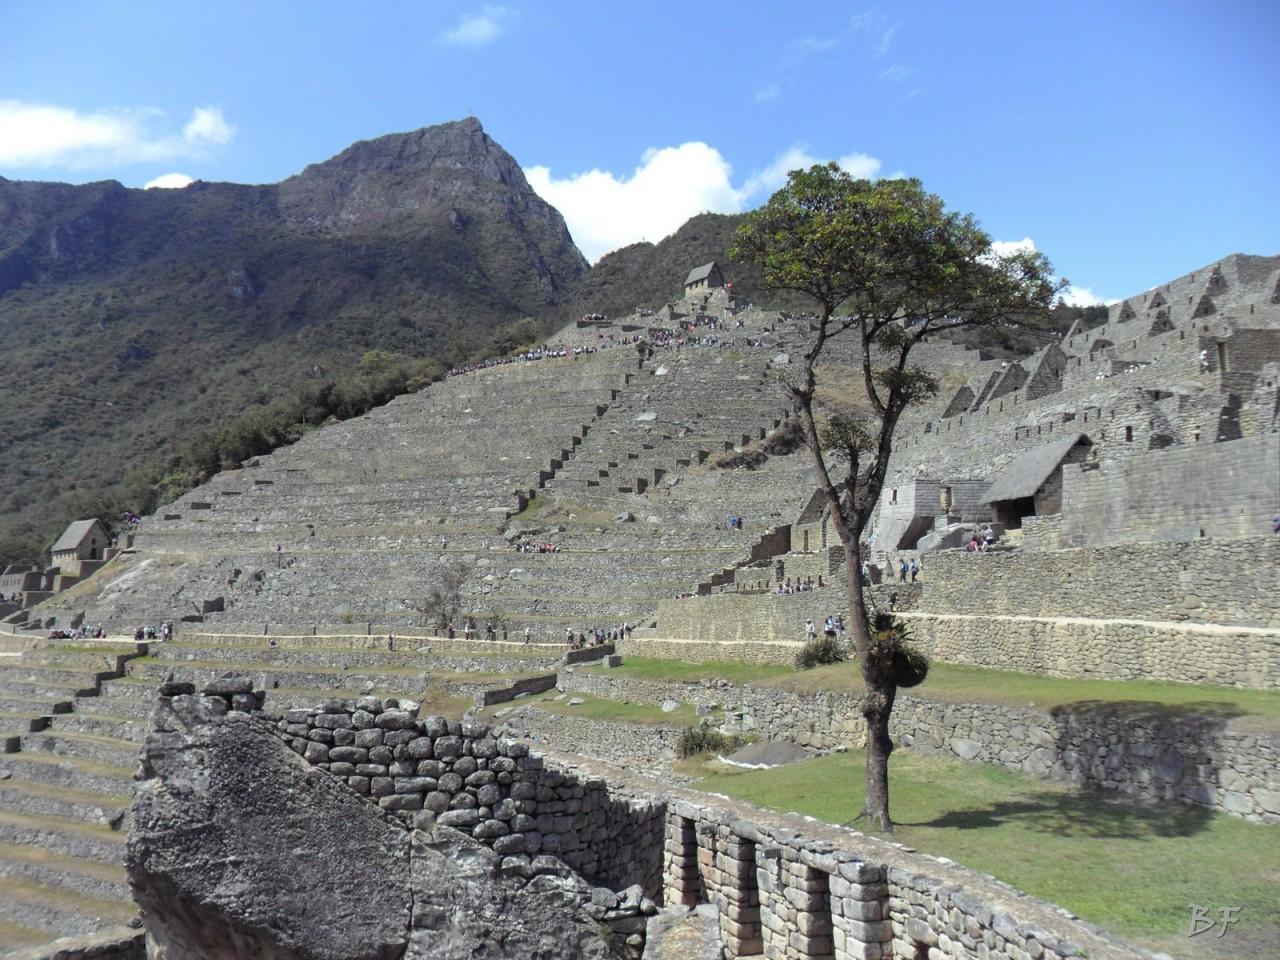 Mura-Poligonali-Incisioni-Altari-Edifici-Rupestri-Megaliti-Machu-Picchu-Aguas-Calientes-Urubamba-Cusco-Perù-42